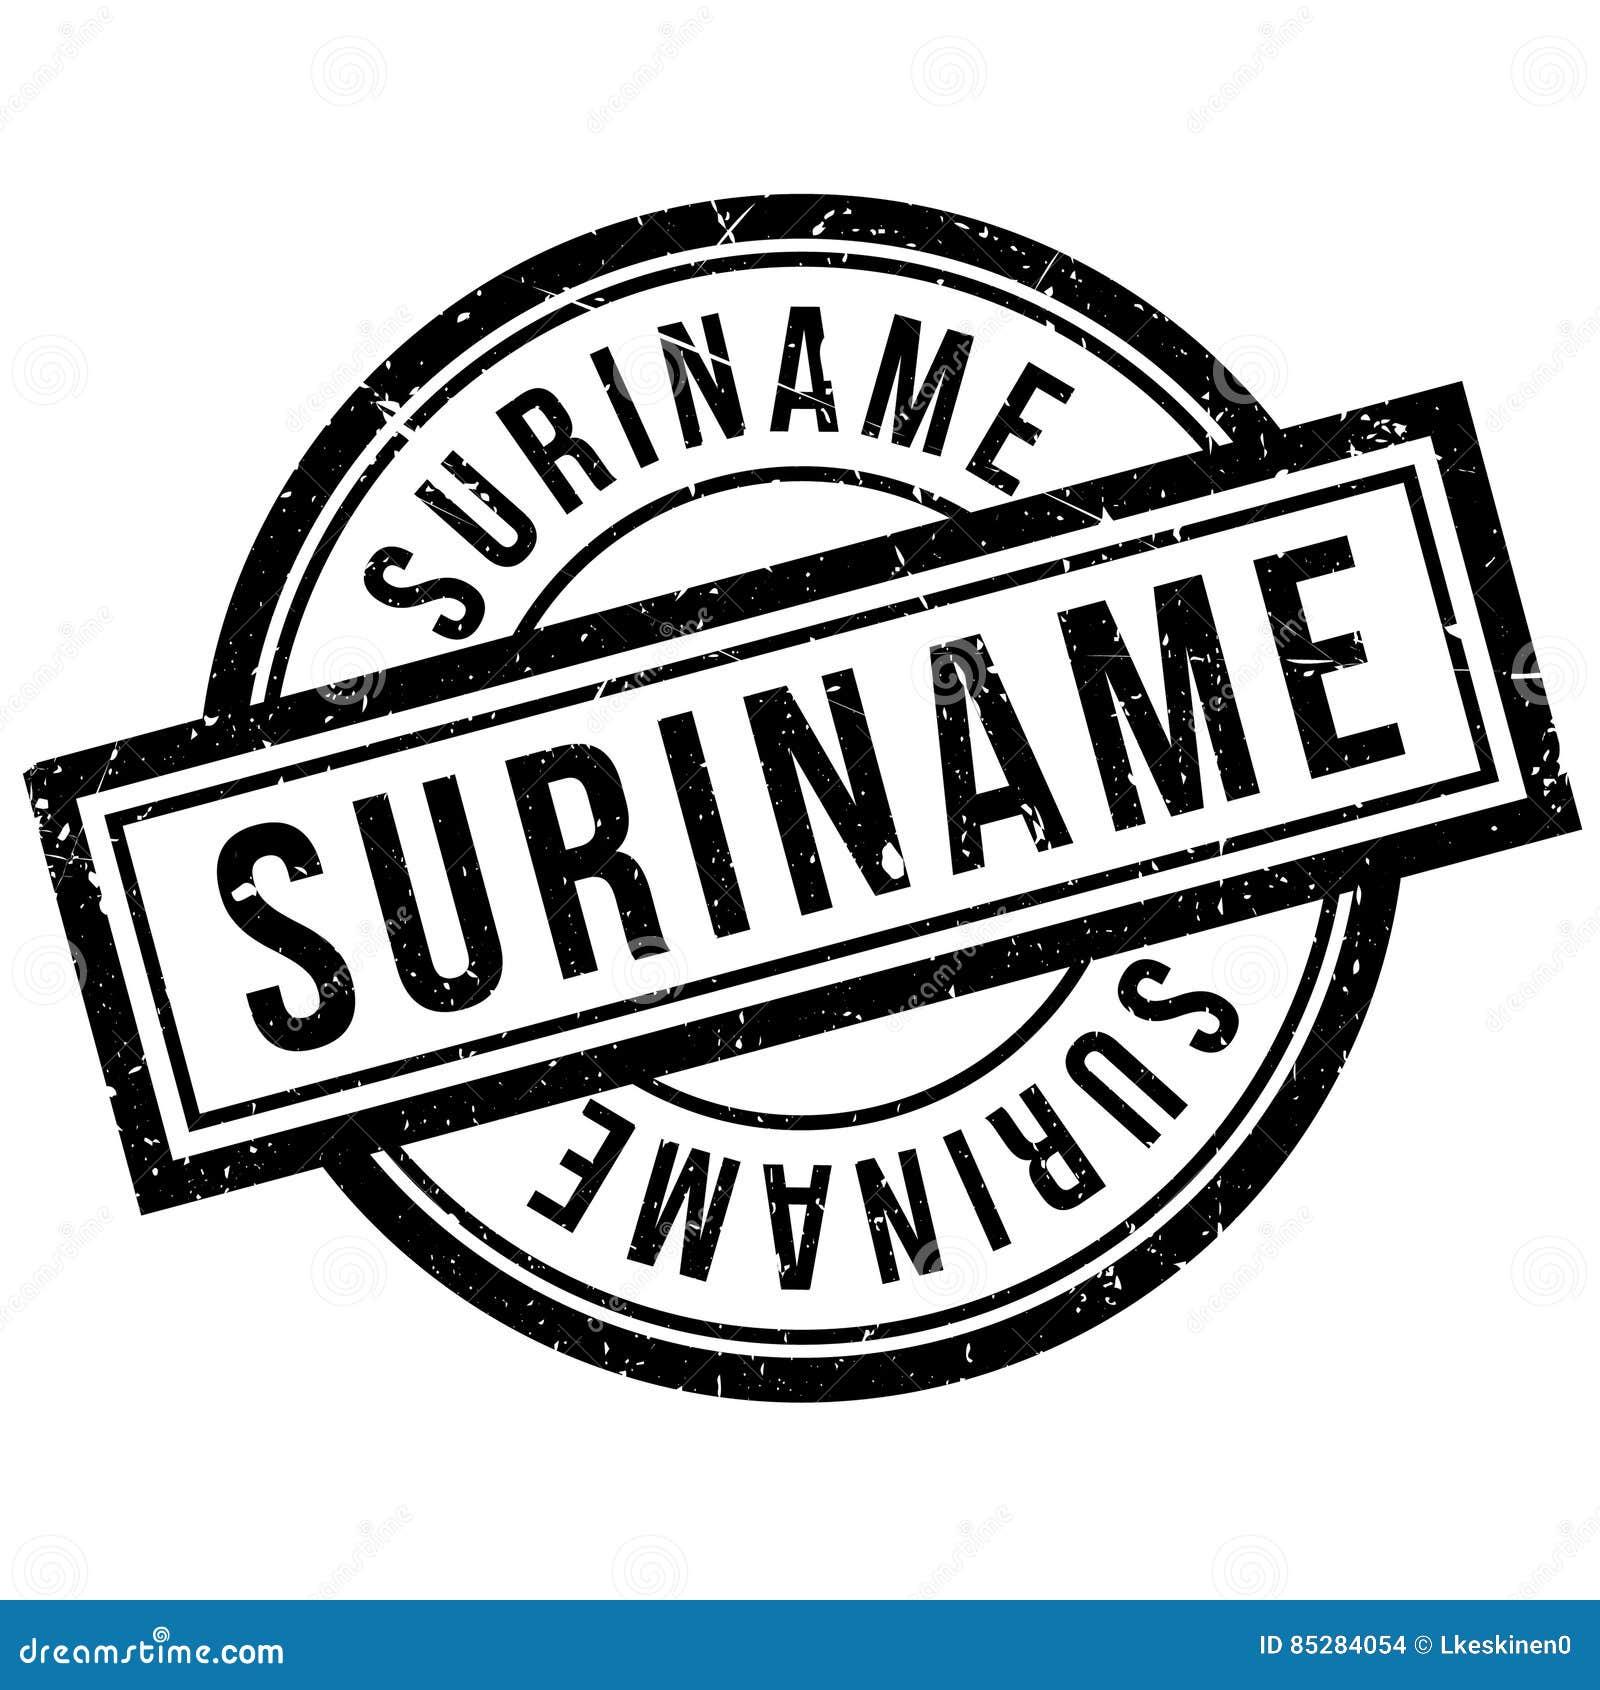 Suriname rubber stamp